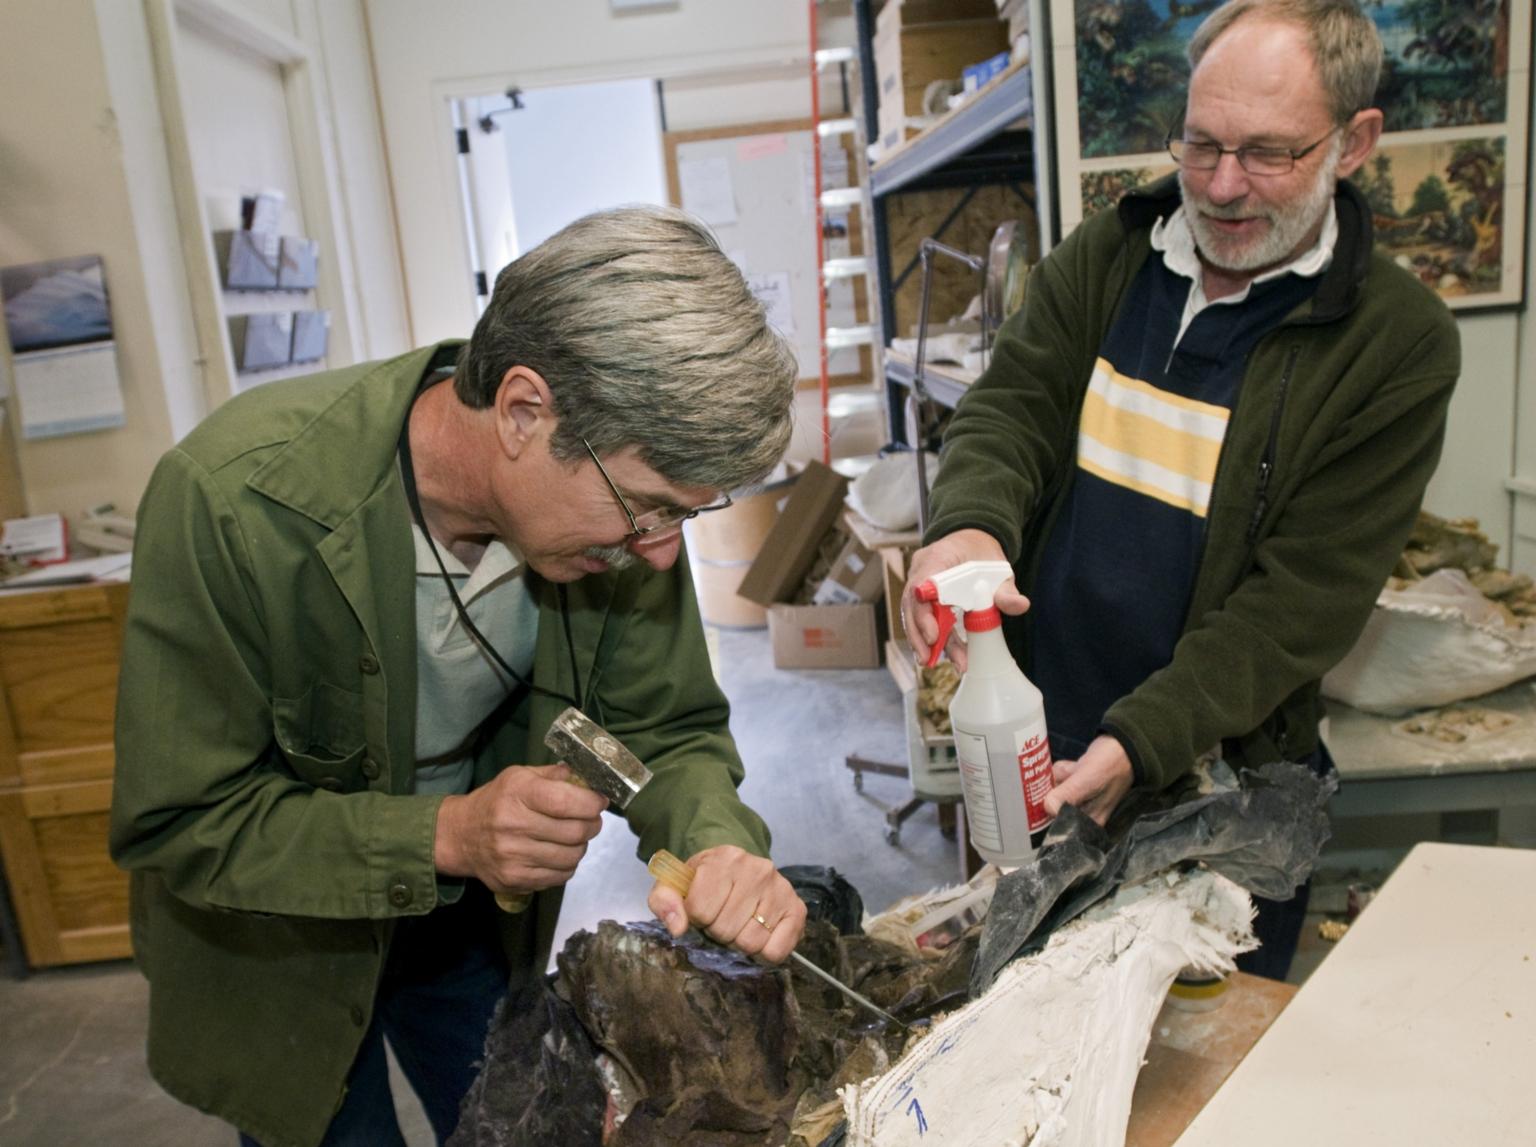 Work in Paleo Lab from Snomastadon Excavation